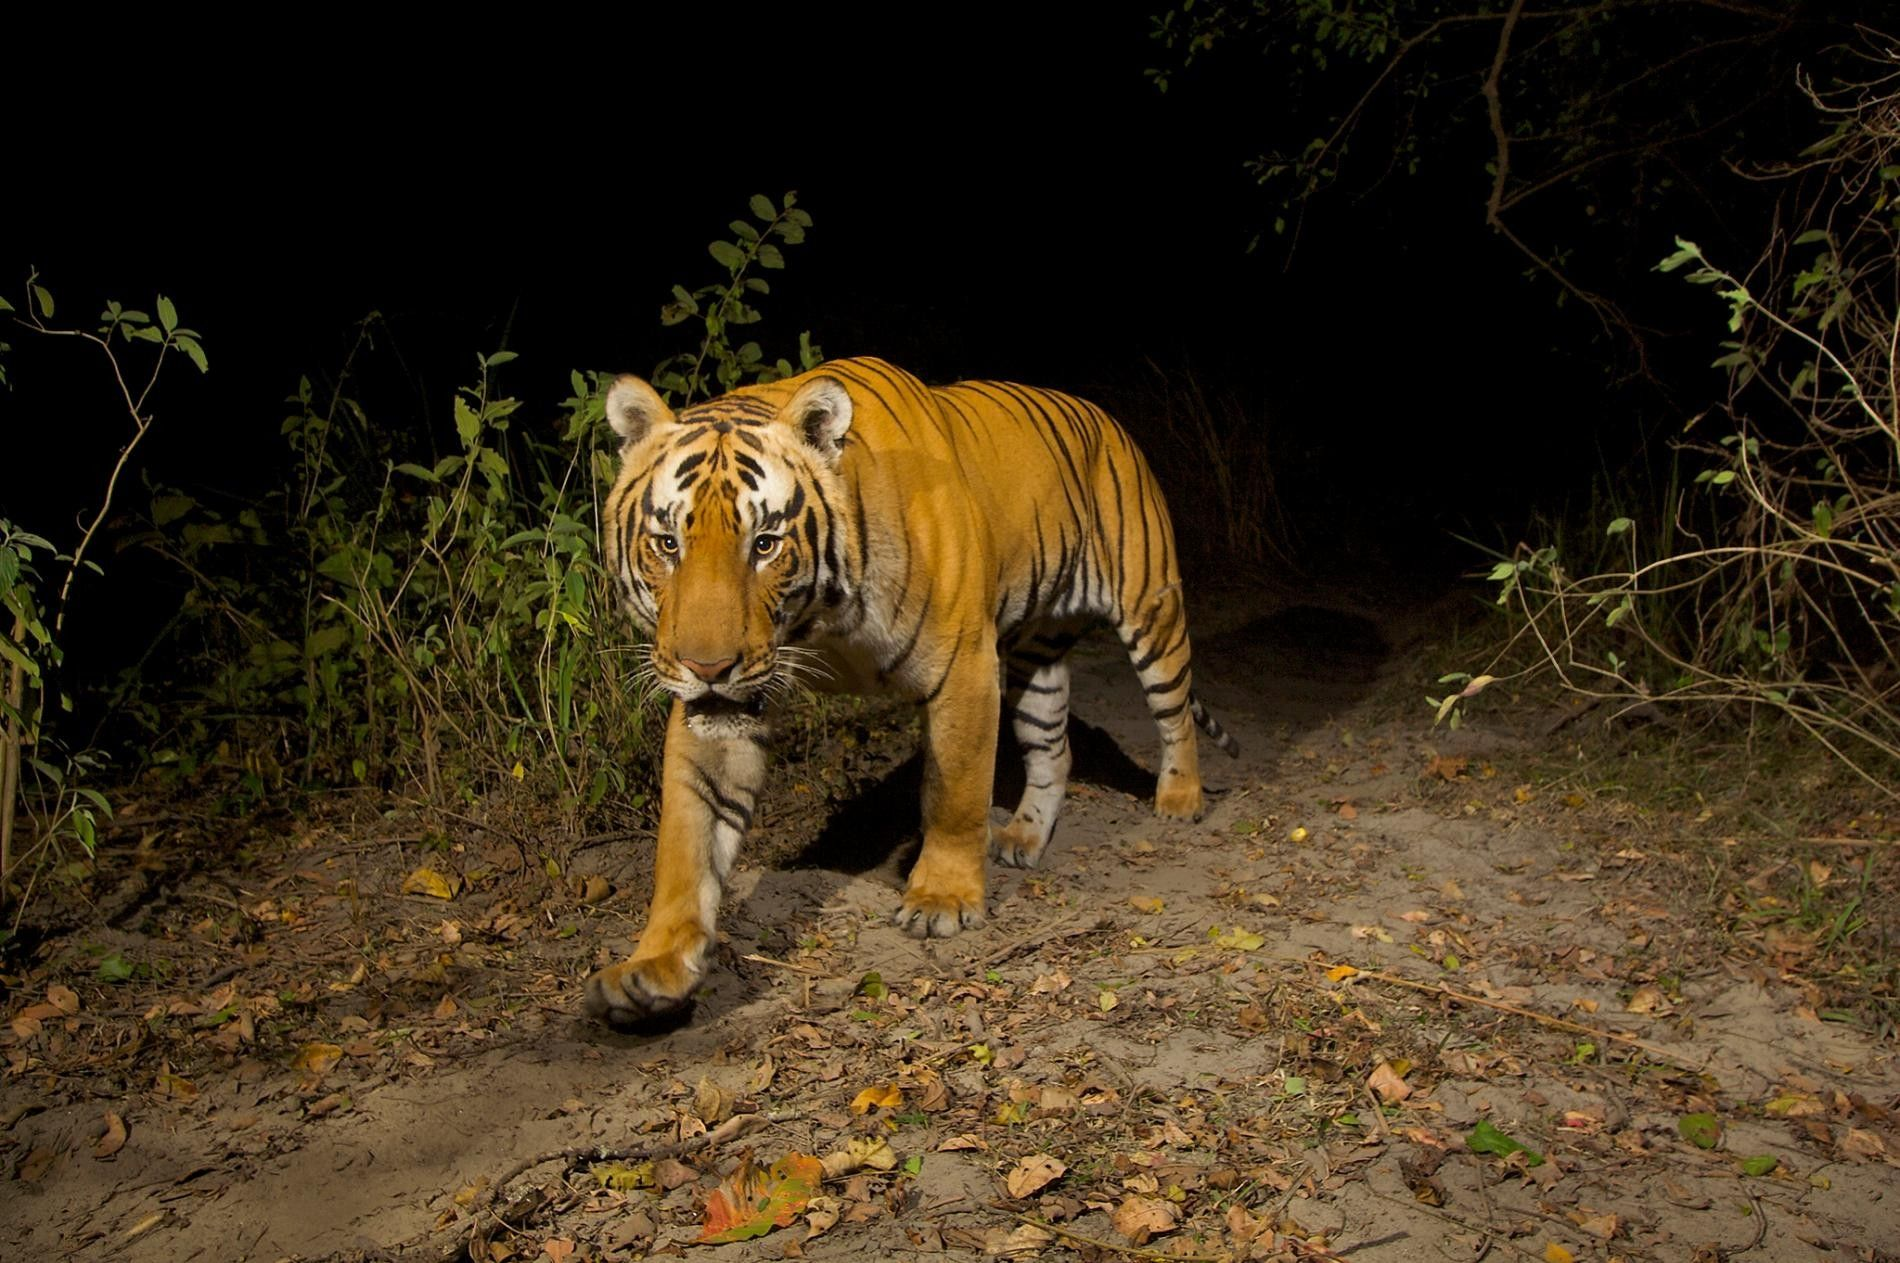 8 espèces menacées d'extinction par le trafic illégal d'espèces sauvages